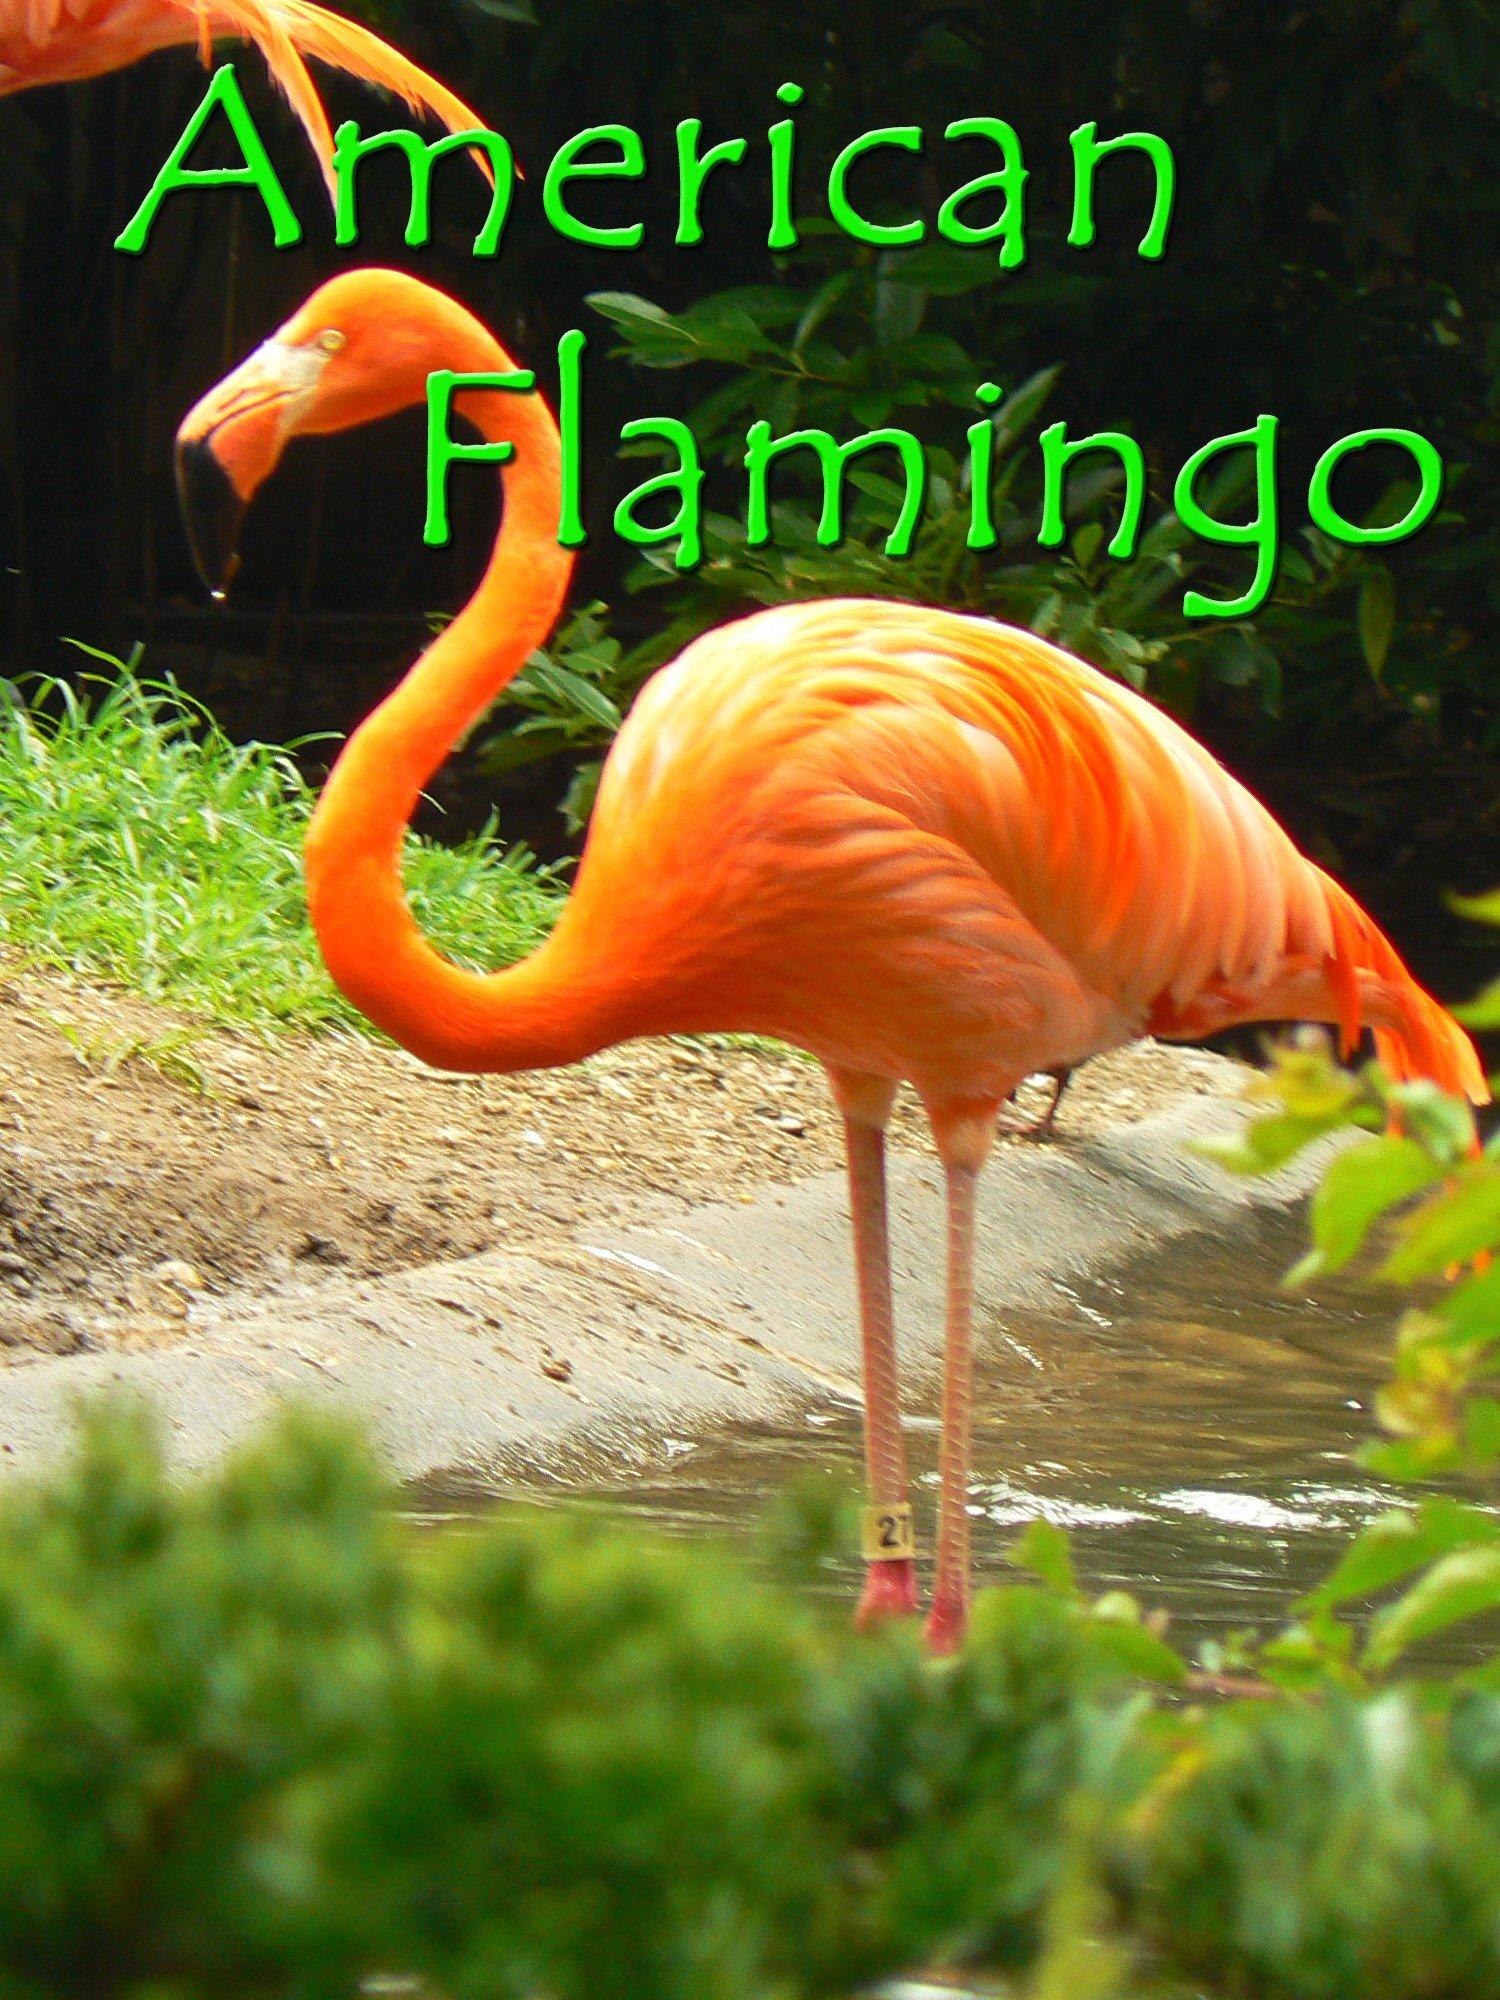 Clip: American Flamingo